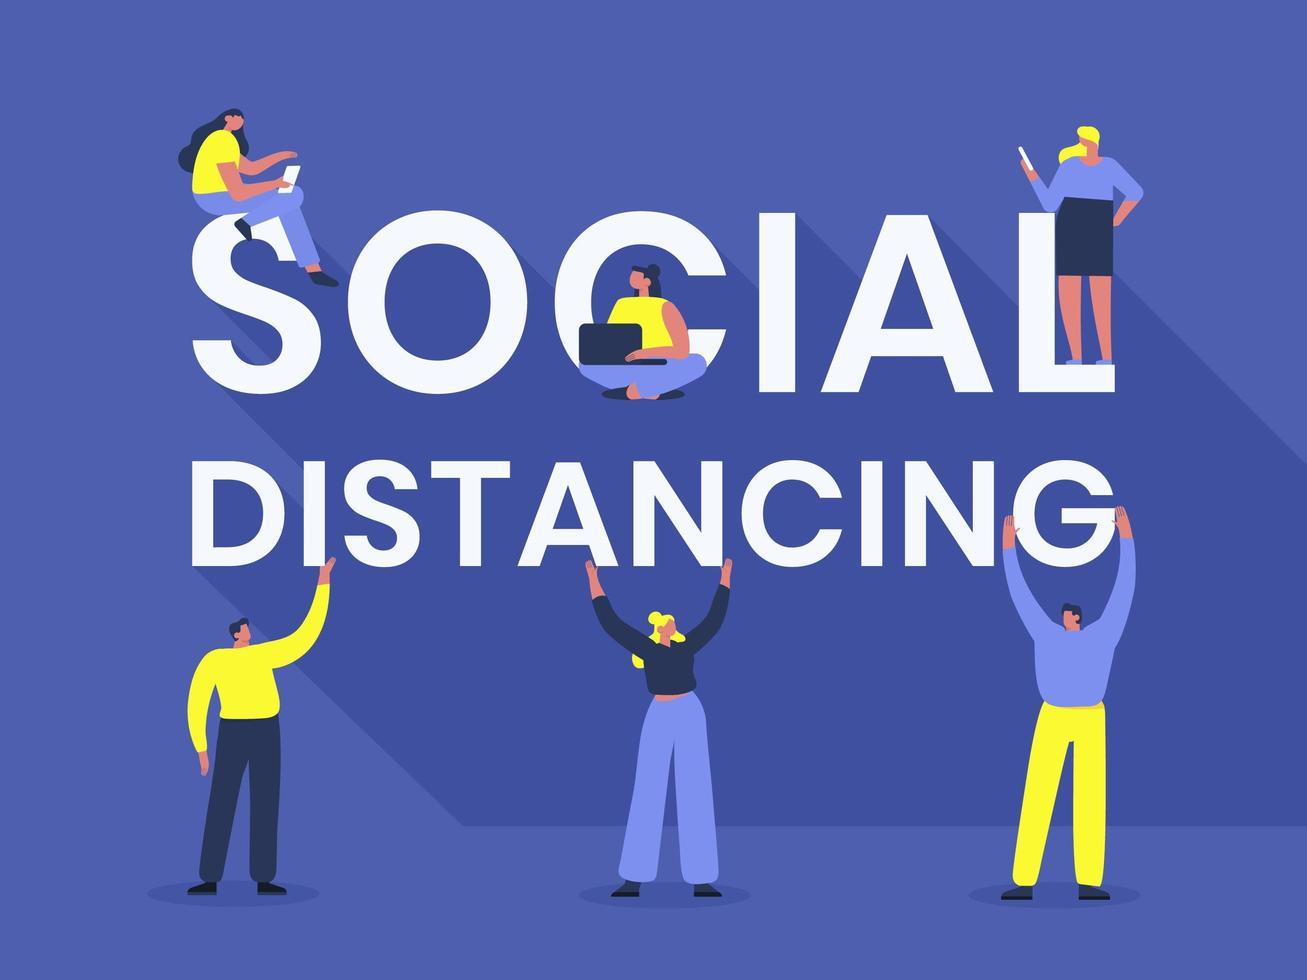 tipografía de distanciamiento social con personas vector